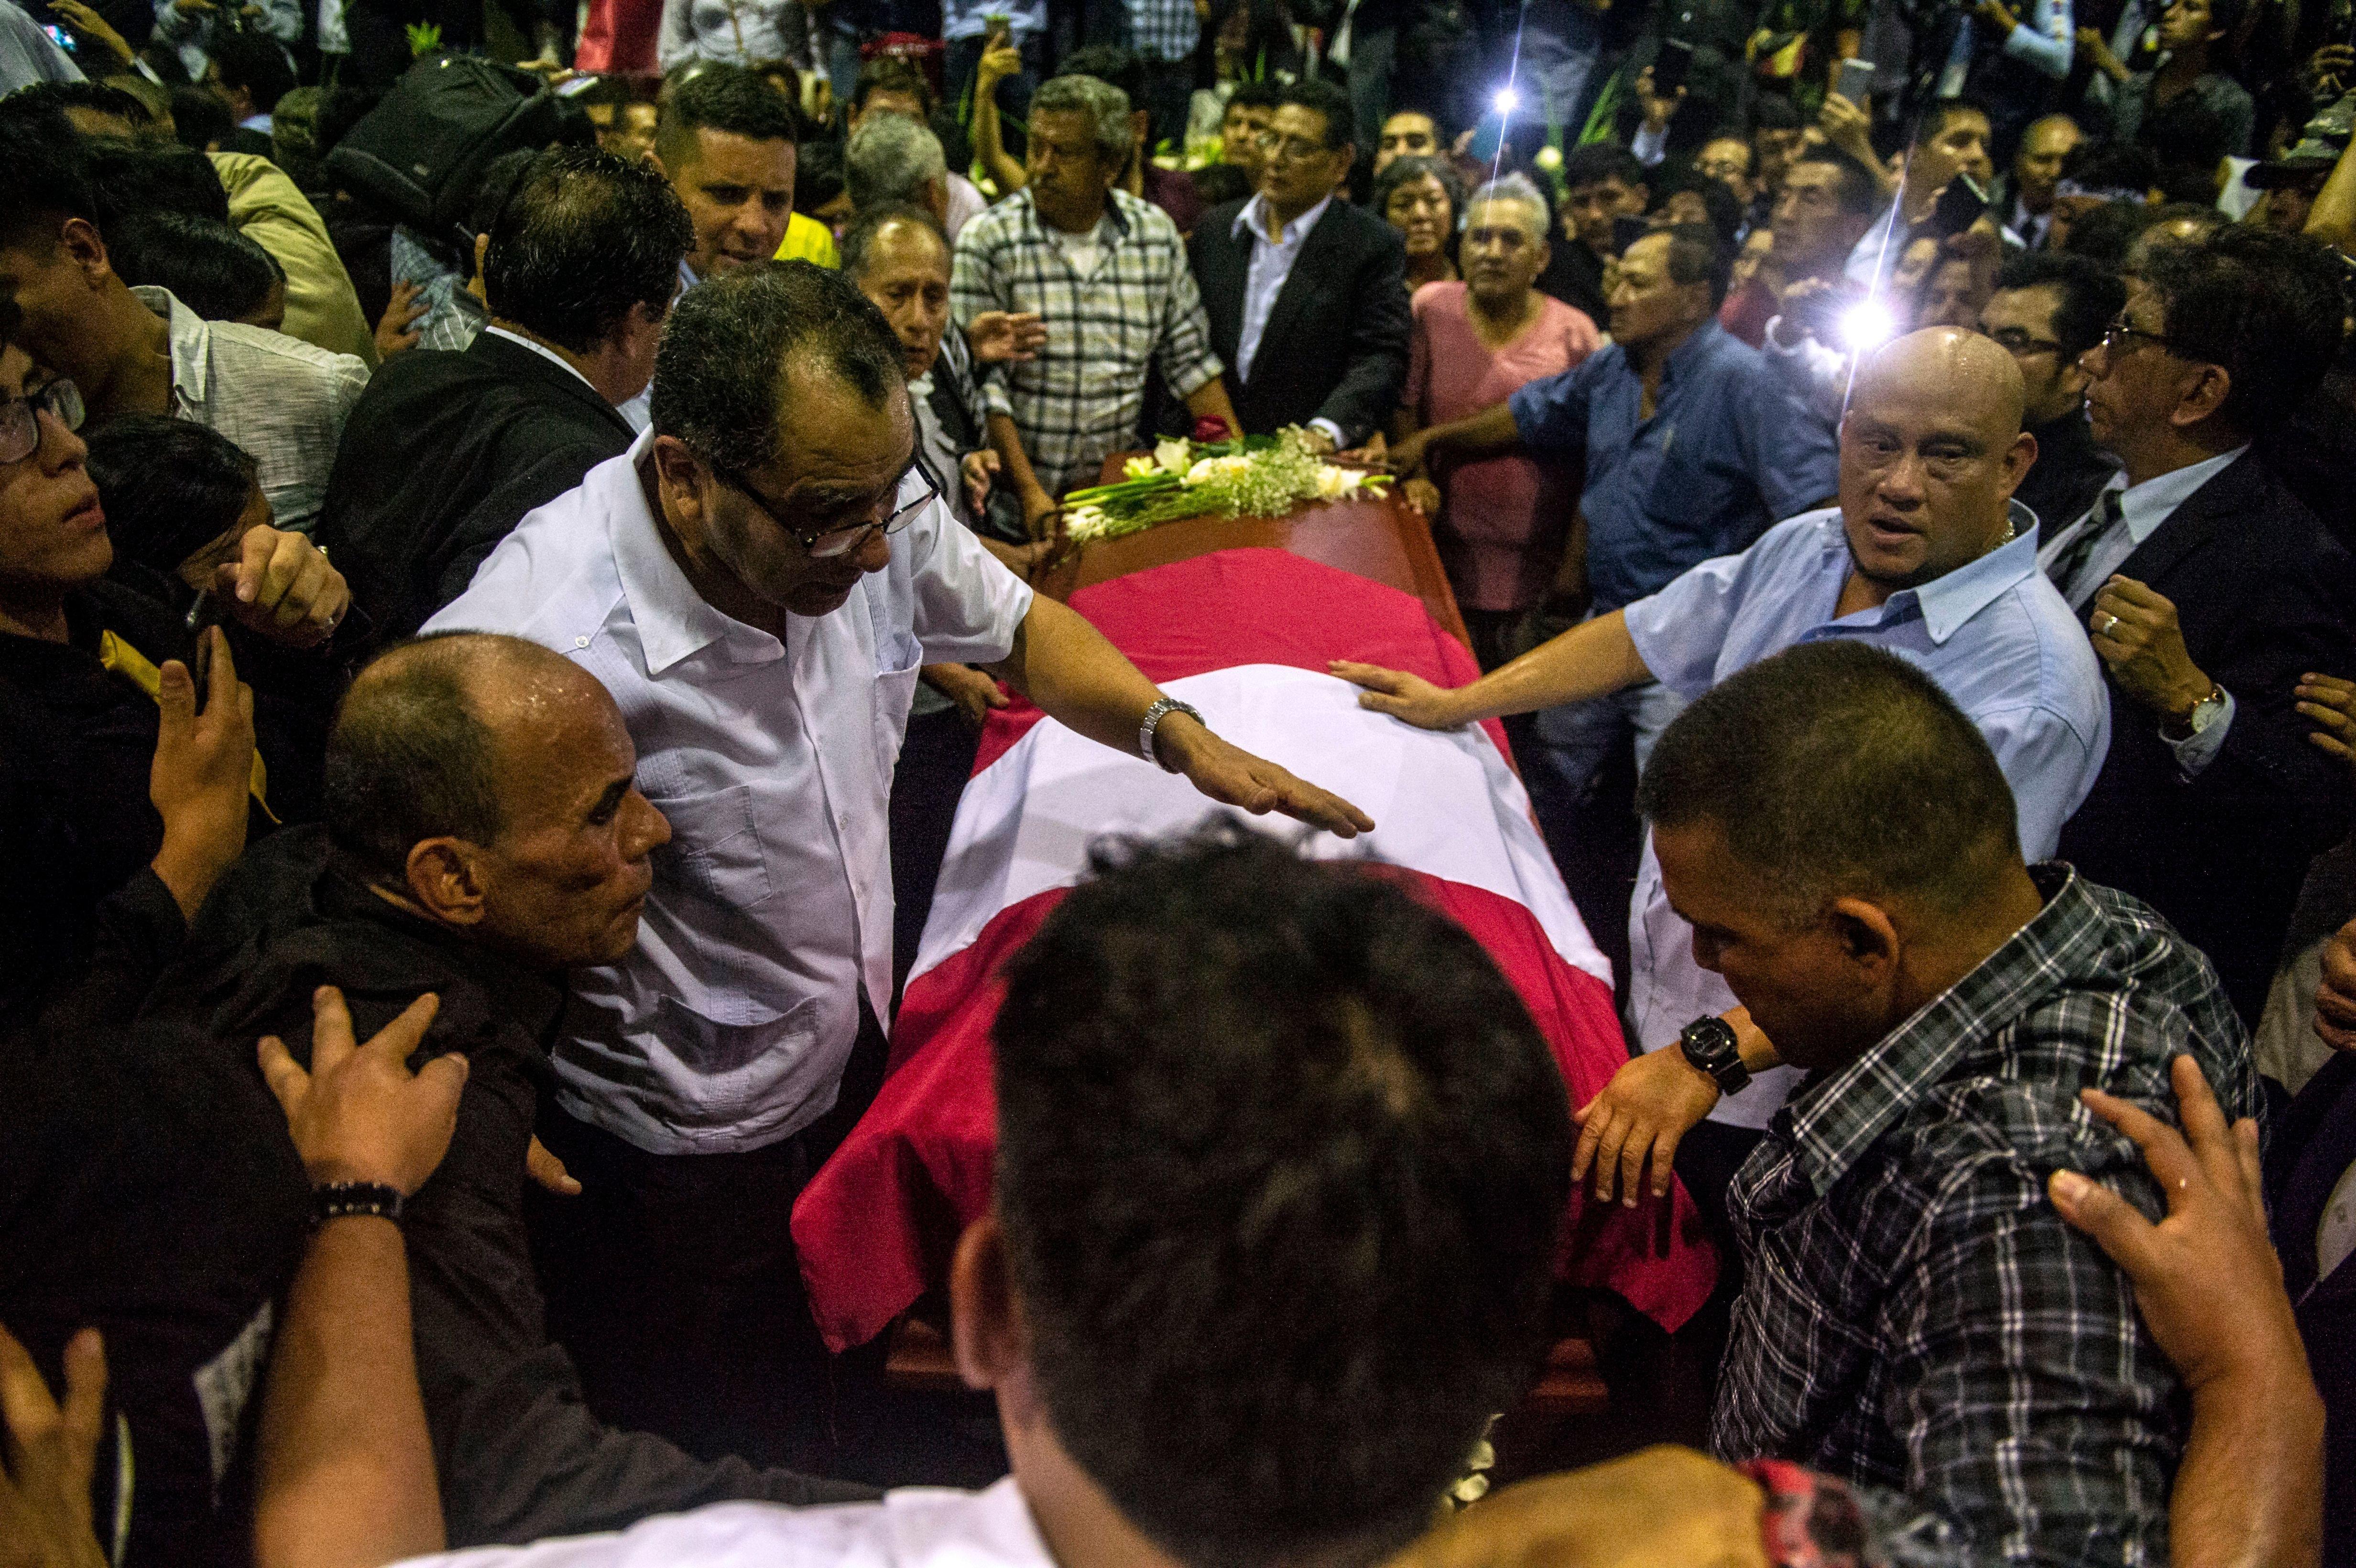 L'ex-président du Pérou se suicide juste avant son